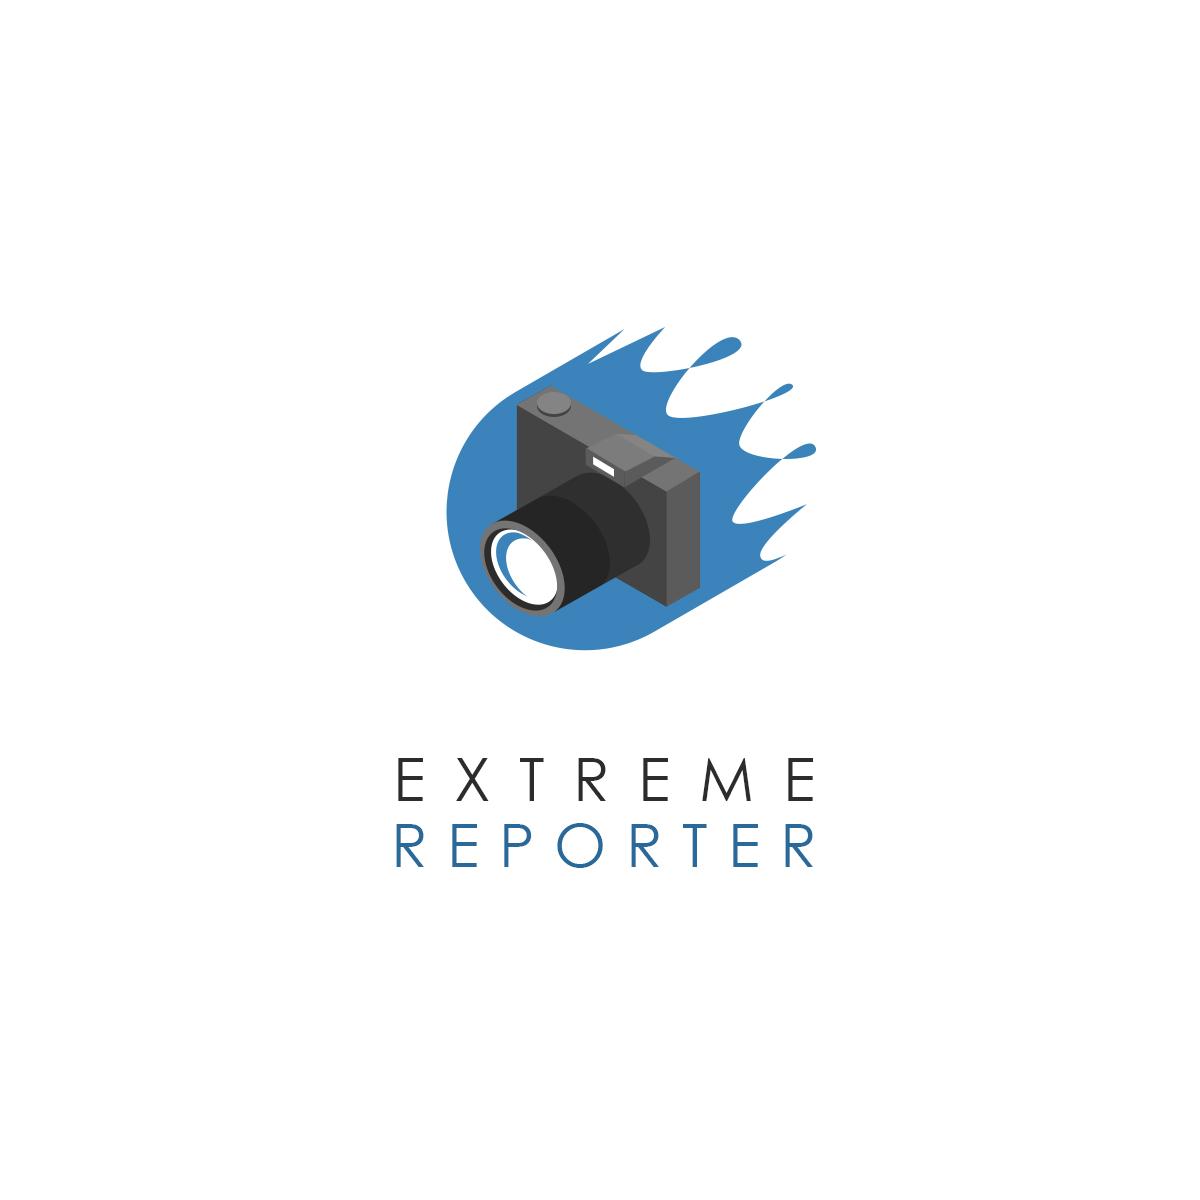 Логотип для экстрим фотографа.  фото f_8535a5507c87000d.jpg